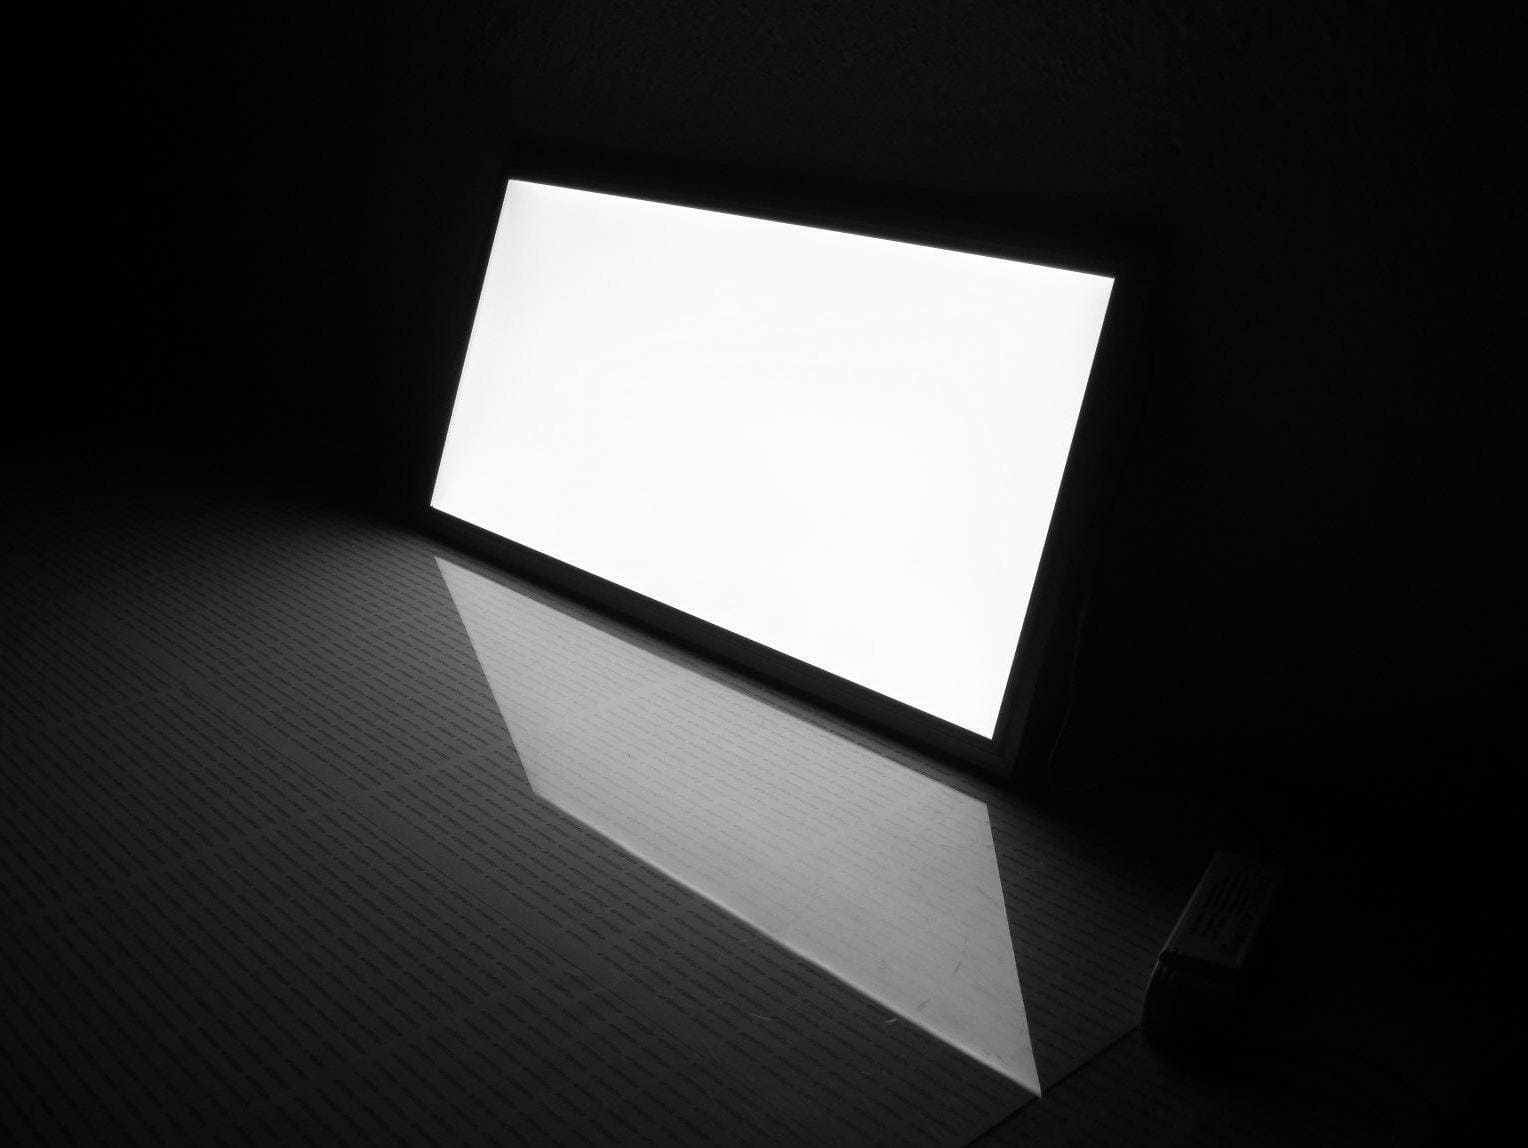 Plafoniere Led Grandi Dimensioni : Pannelli led soffitto incasso cartongesso plafone e sospensione.